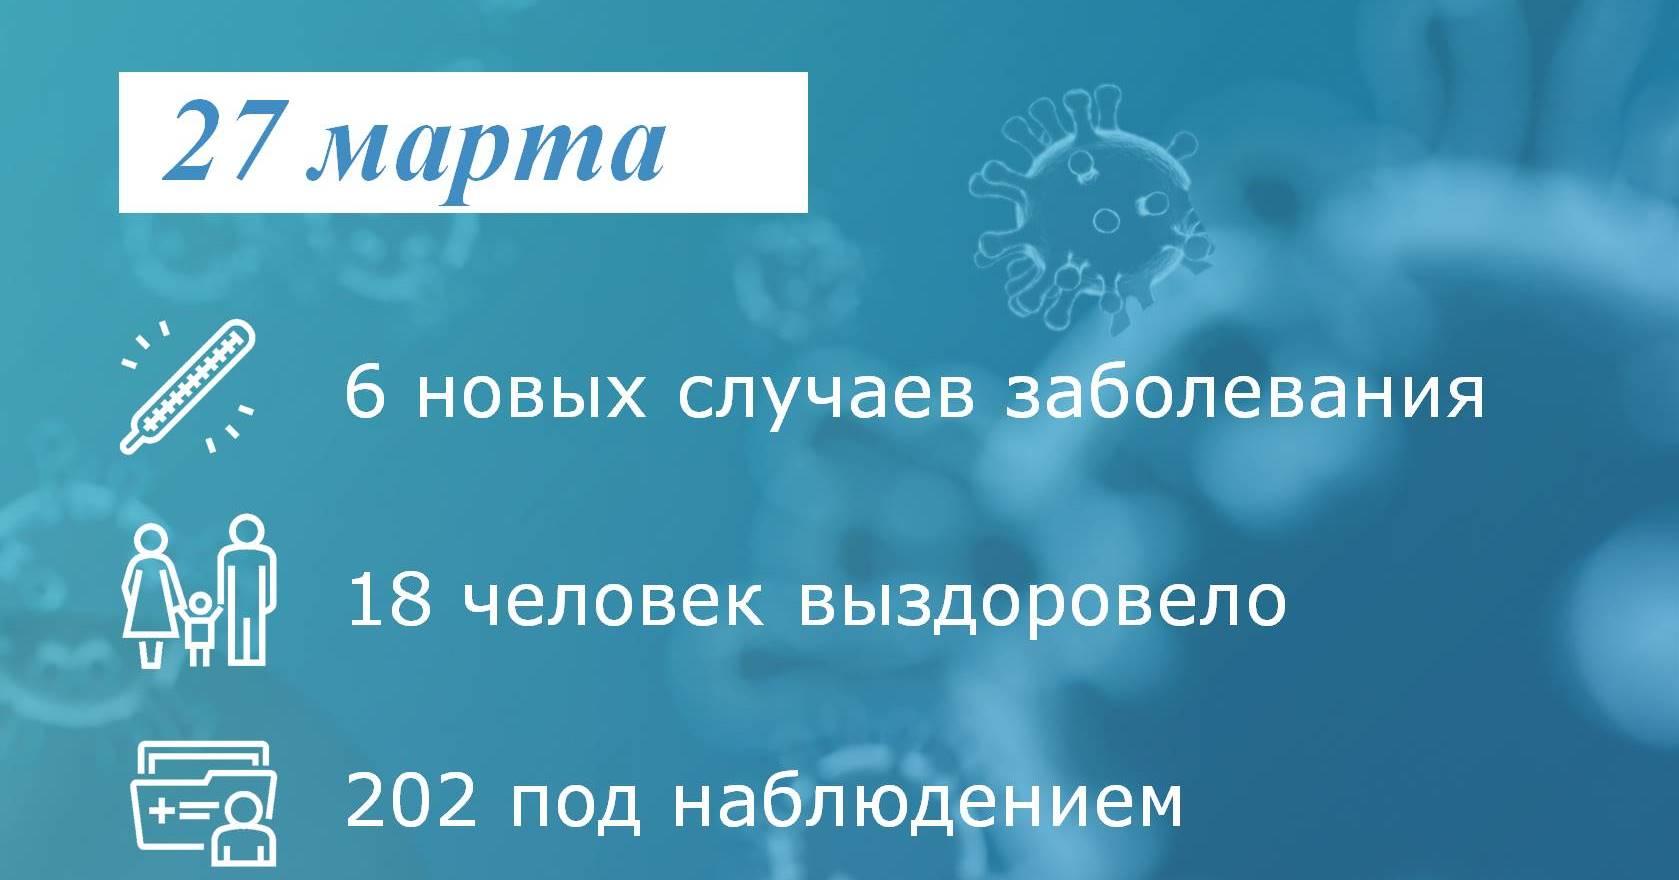 В Таганроге коронавирусом заболели 6 человек